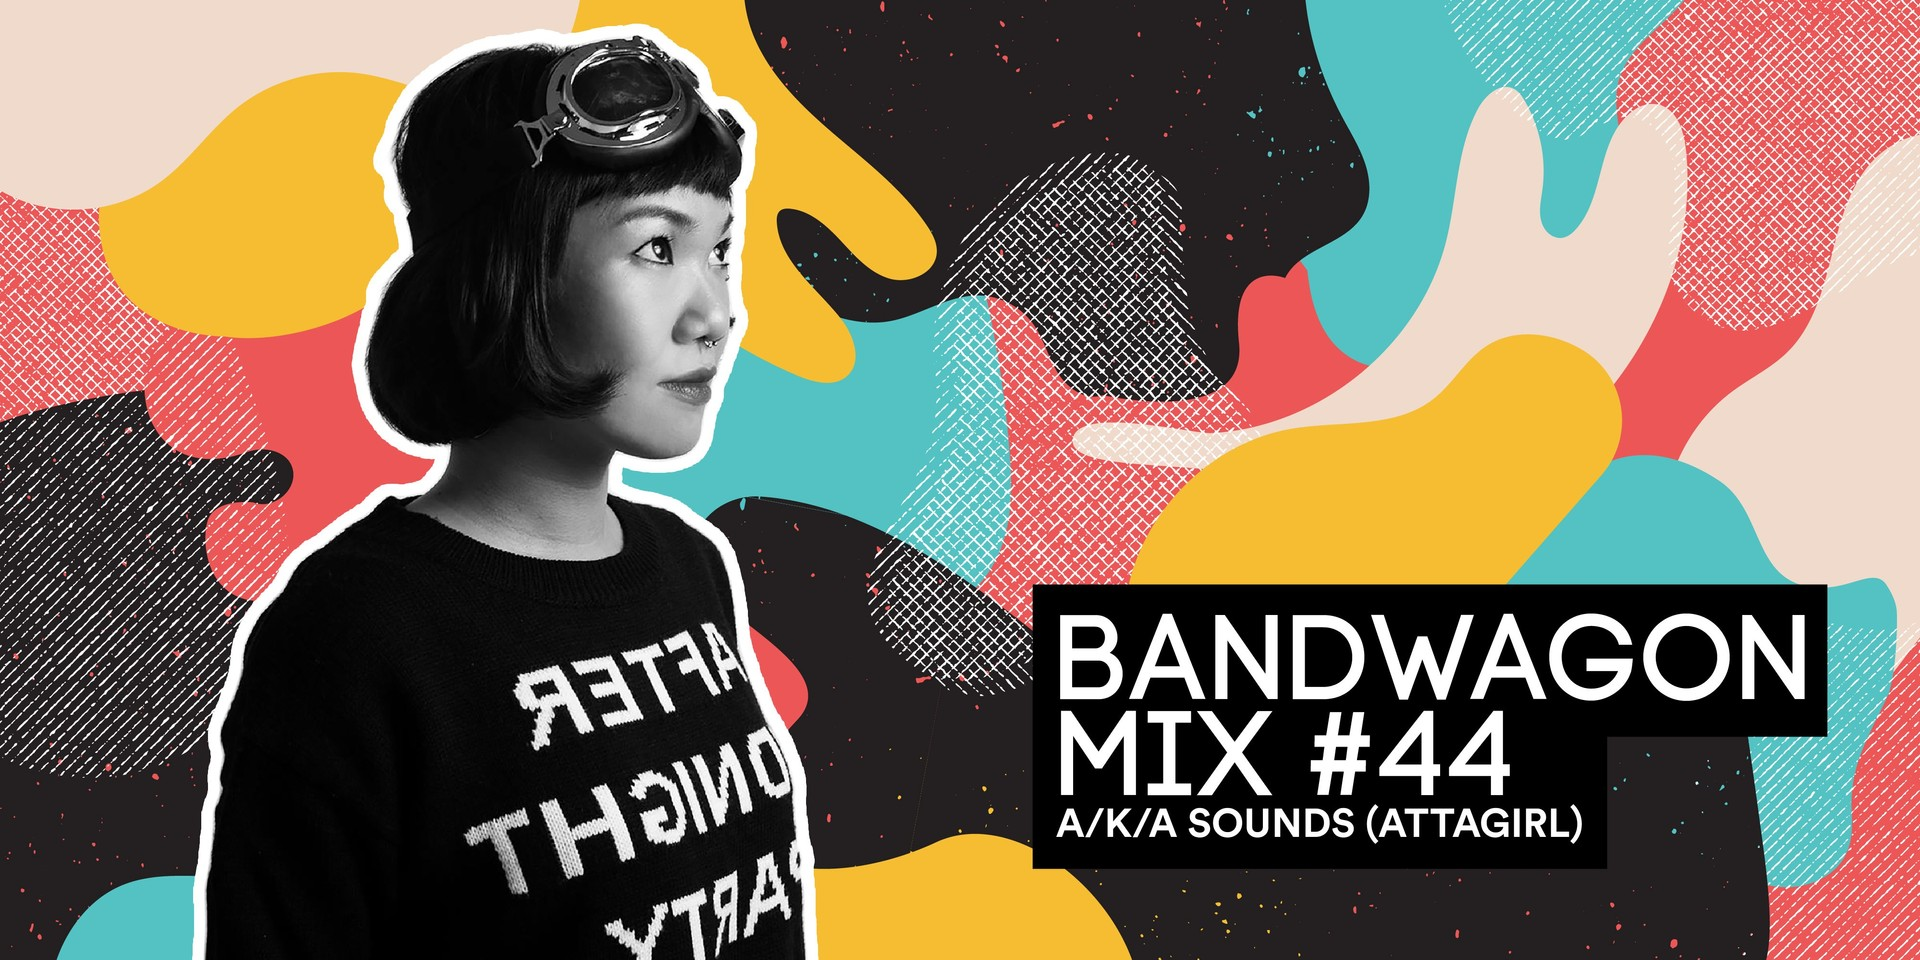 Bandwagon Mix #44: A/K/A SOUNDS (ATTAGIRL)